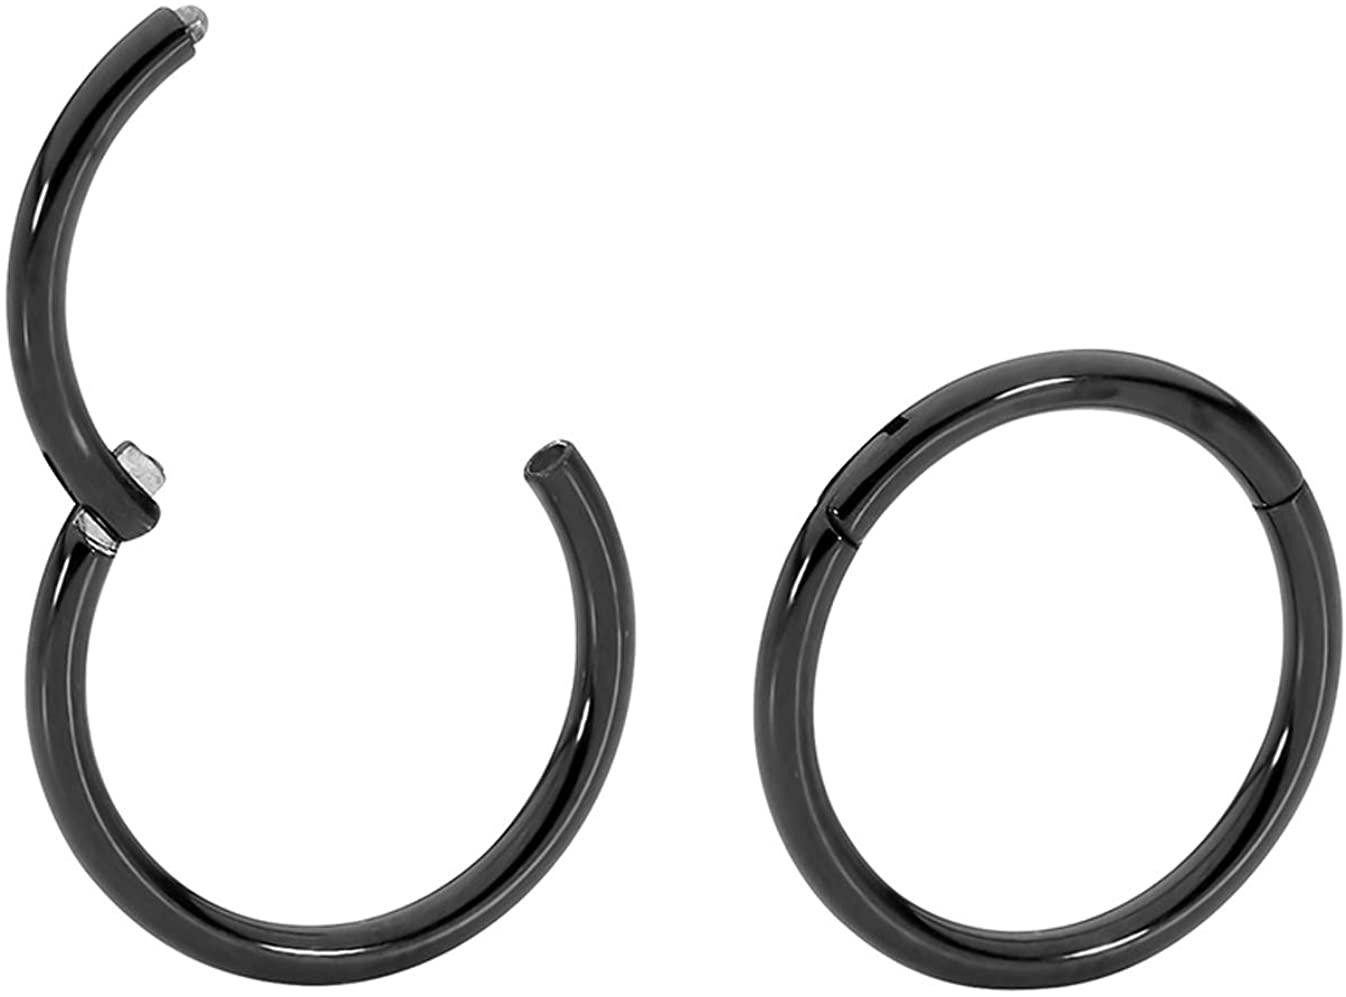 365 Sleepers 1 Pair Stainless Steel 18G (Thin) Hinged Segment Ring Hoop Sleeper Earrings Body Piercing 5mm / 6mm / 7mm / 8mm / 9mm / 10mm / 11mm / 12mm / 13mm